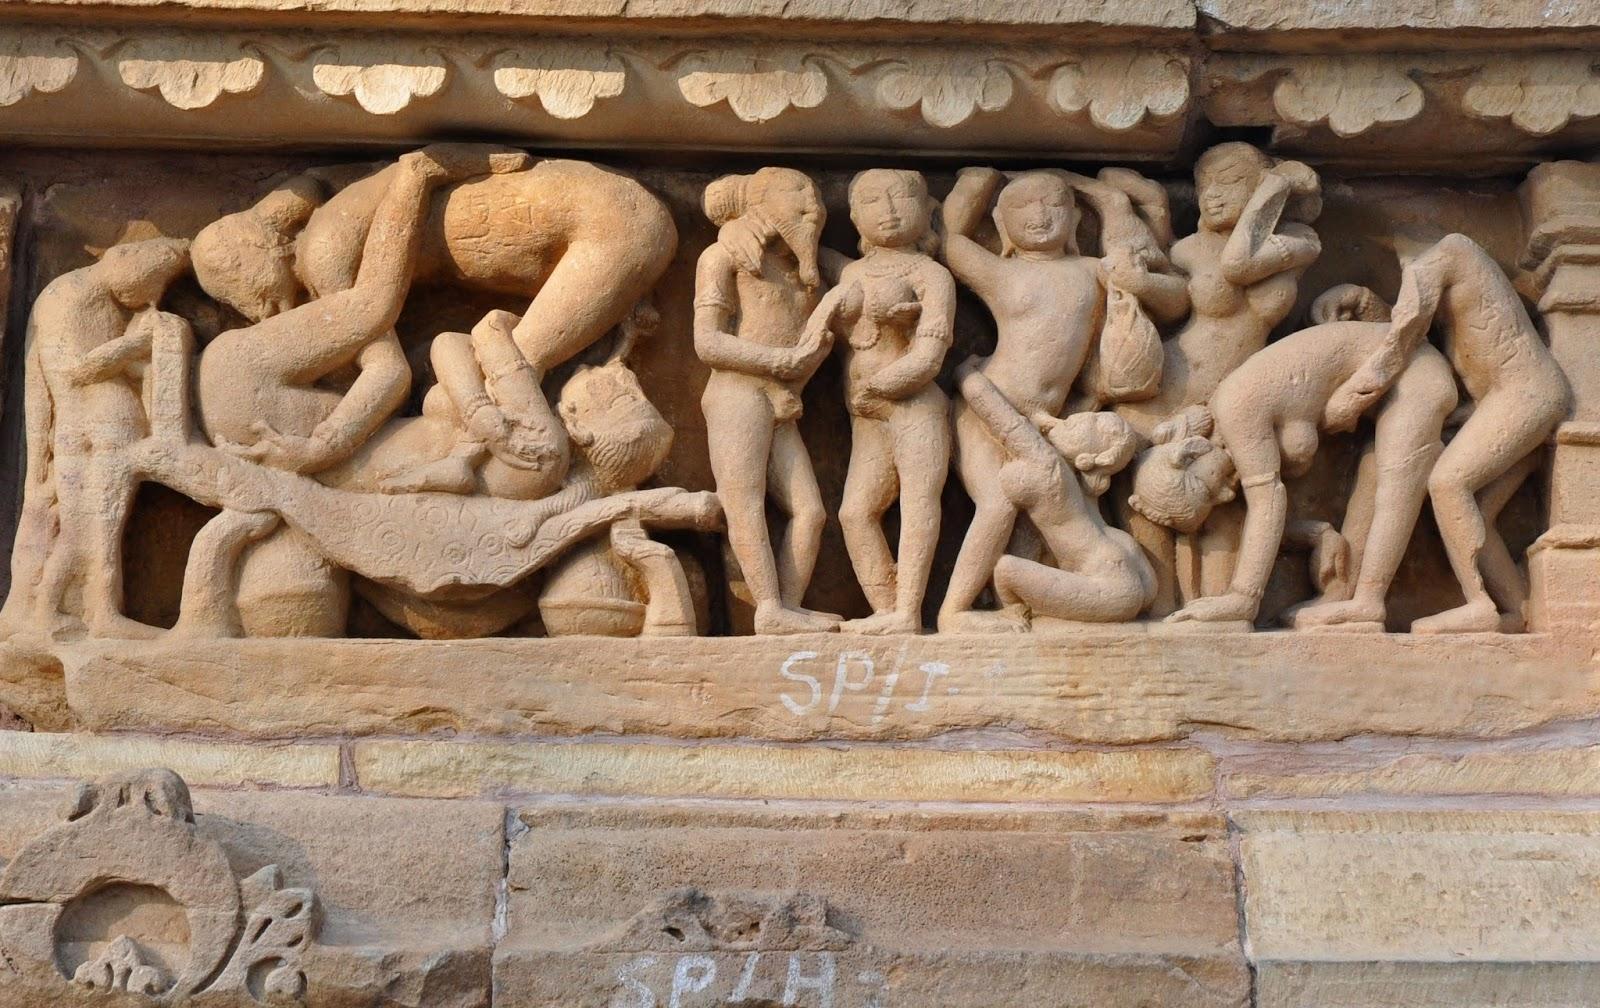 indiyskiy-hram-s-eroticheskoy-skulpturoy-foto